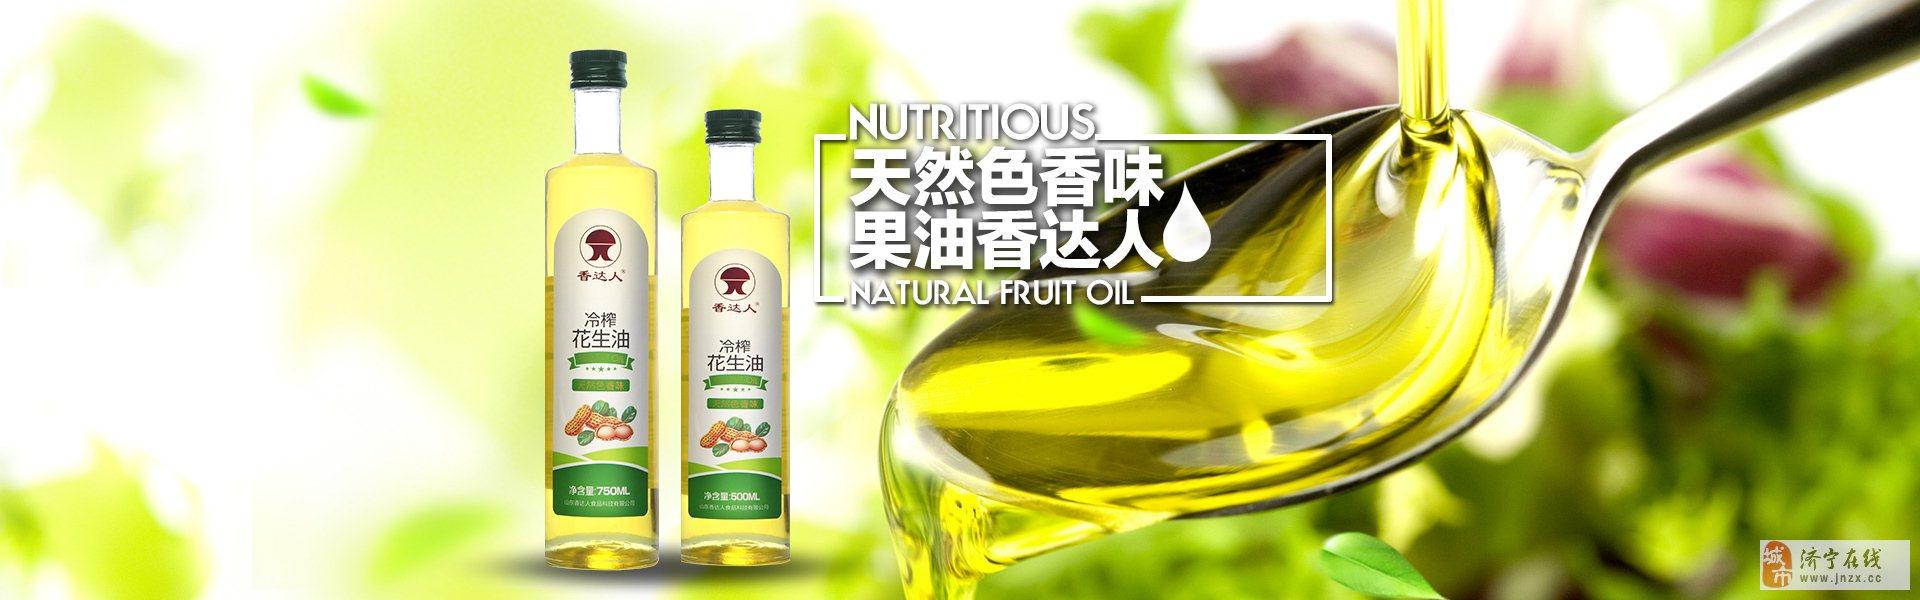 中国十大食用油品牌排行榜